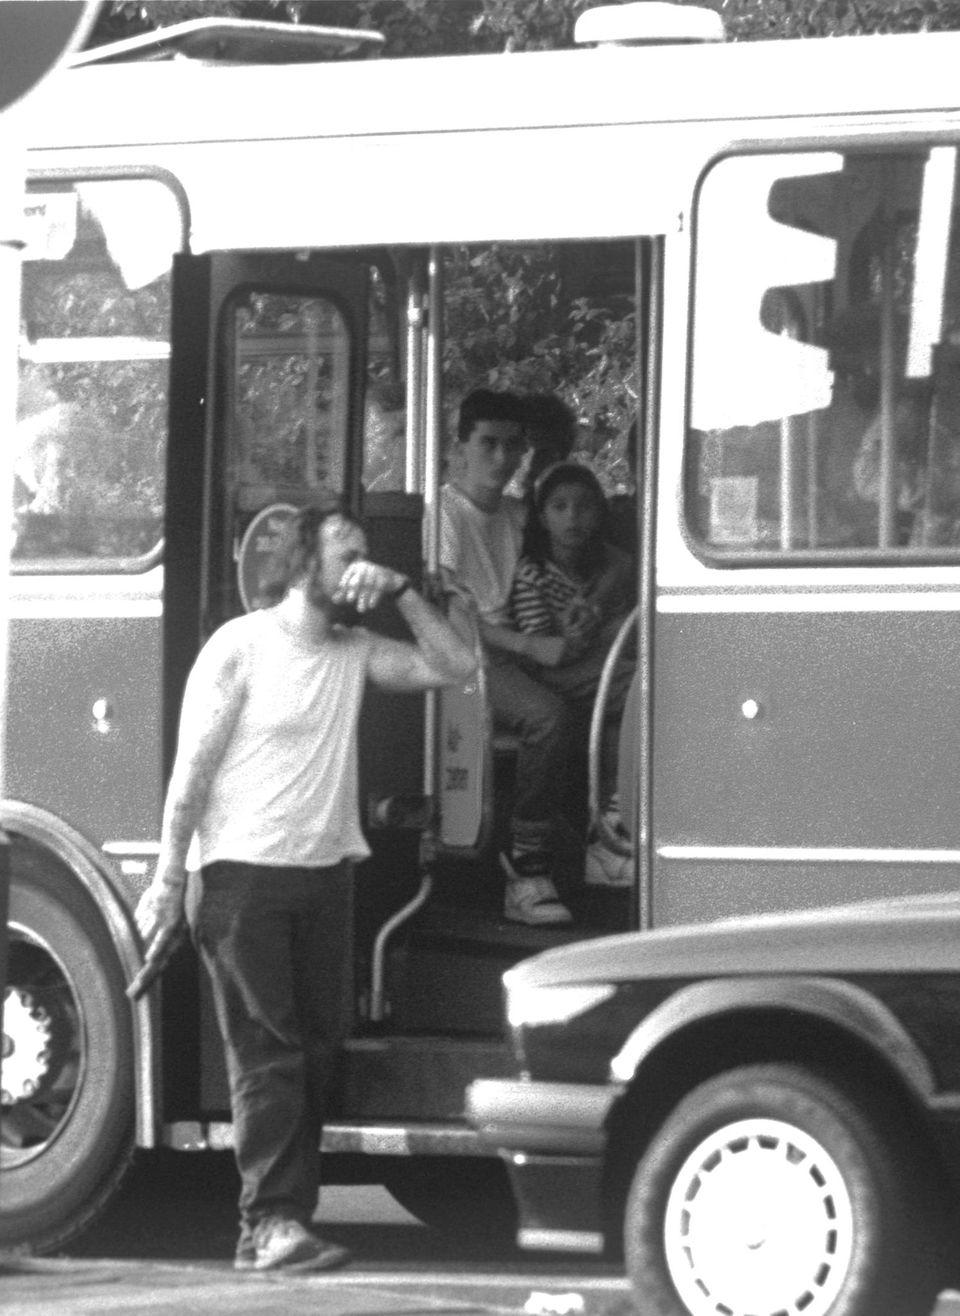 """""""Von Haus aus bin ich ein Verbrecher ..."""": Pistole in der Rechten, Zigarette in der Linken - so gab sich der tätowierte Verbrecher Hans-Jürgen Rösner in Bremen vor dem gekaperten Linienbus. Seit mehr als einem Jahr hatte er ein """"großes Ding"""" geplant. Er wollte damit vor allem seinen alten Kumpels im Gefängnis imponieren"""